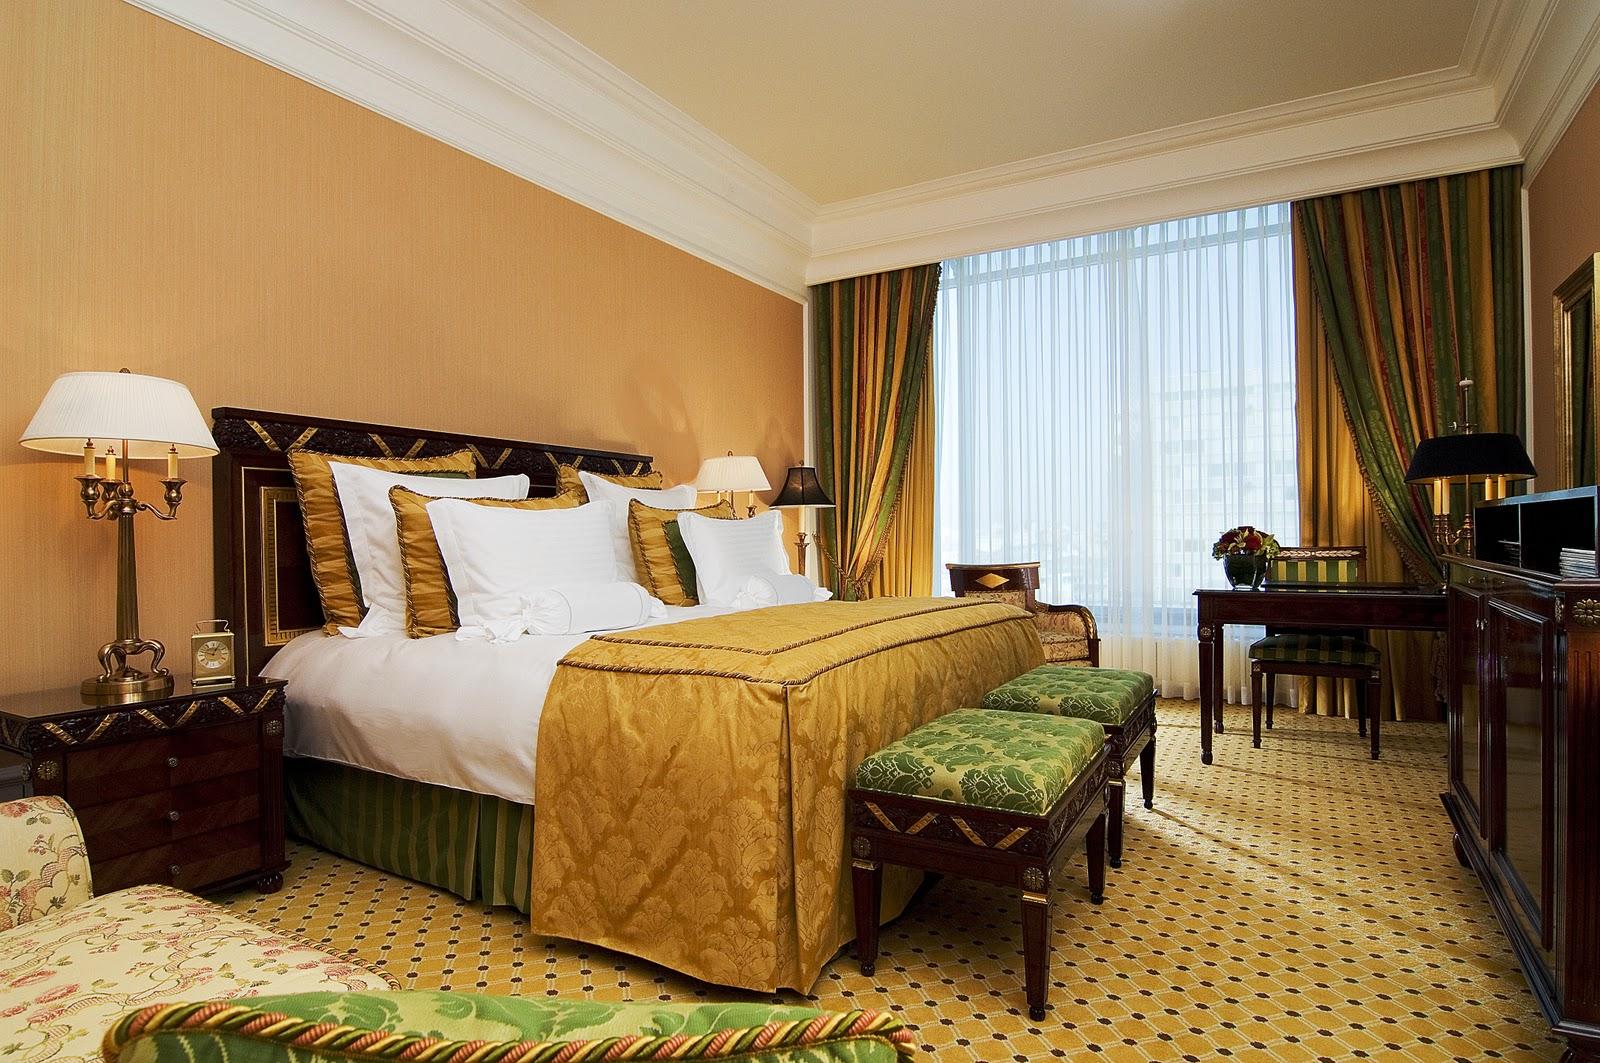 Decoração de Luxo Alto padrão em Hotéis  Busca Decor  Dicas de